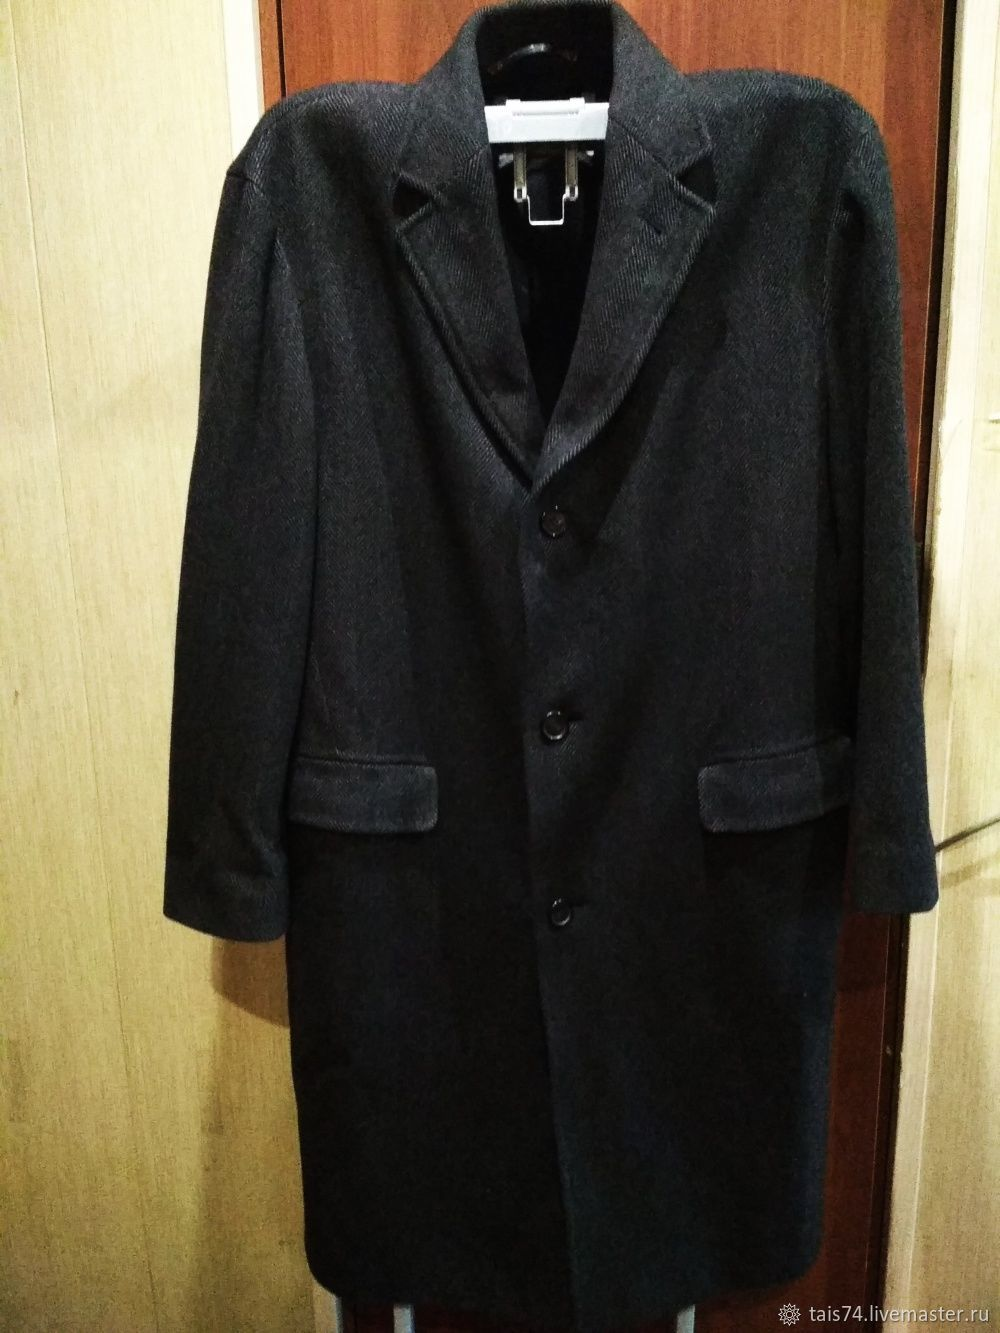 Винтаж: Пальто  классическое мужское  из шерсти и кашемира большой размер, Одежда винтажная, Челябинск,  Фото №1